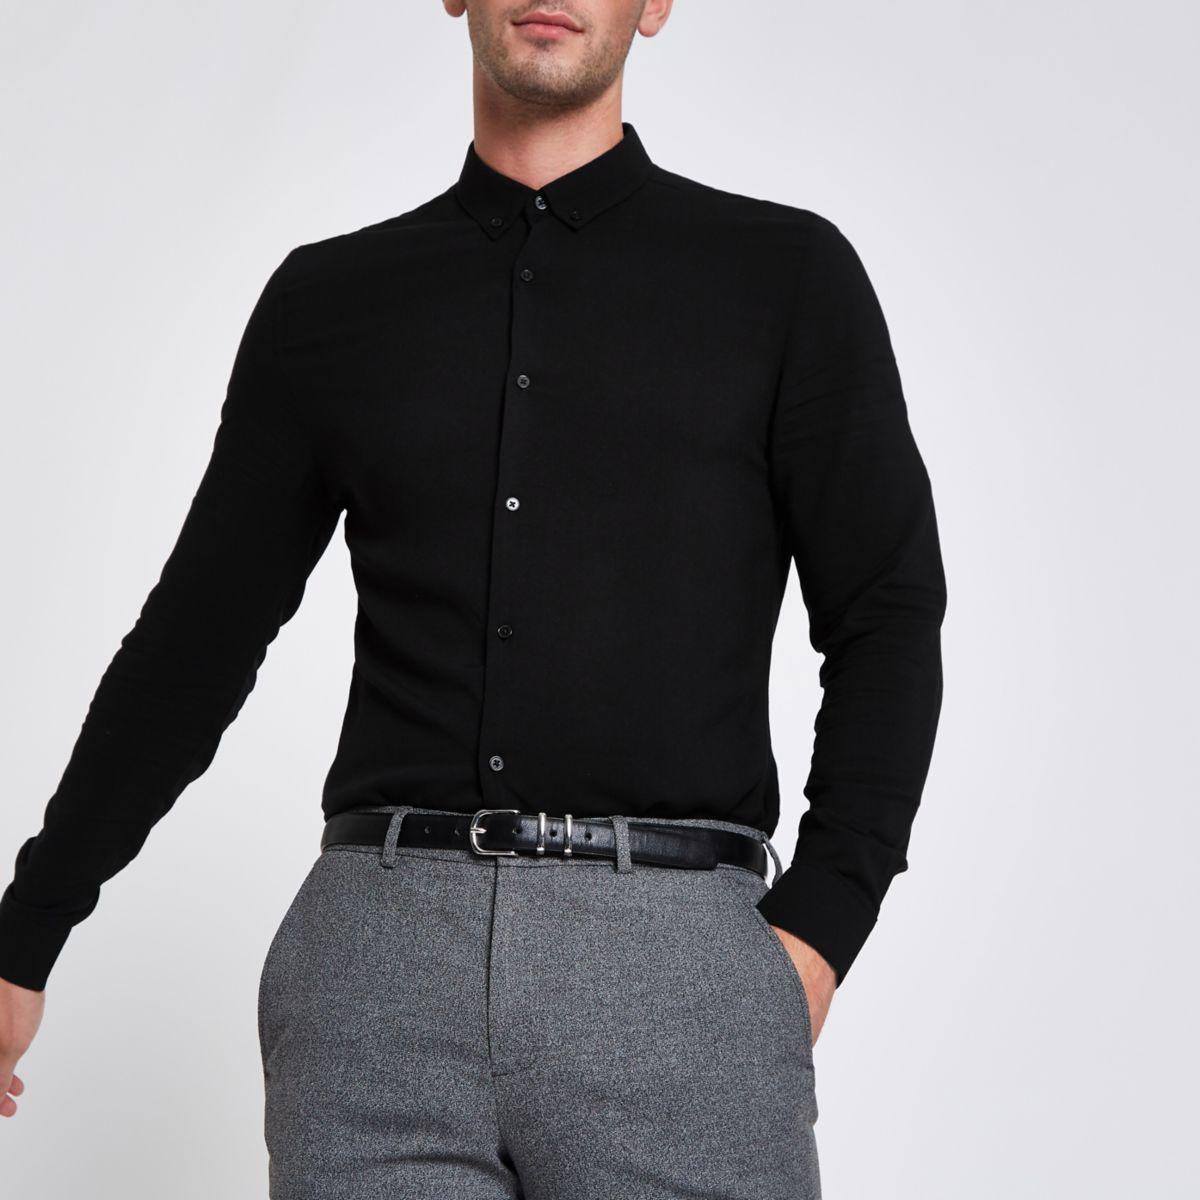 Black textured button-up long sleeve shirt